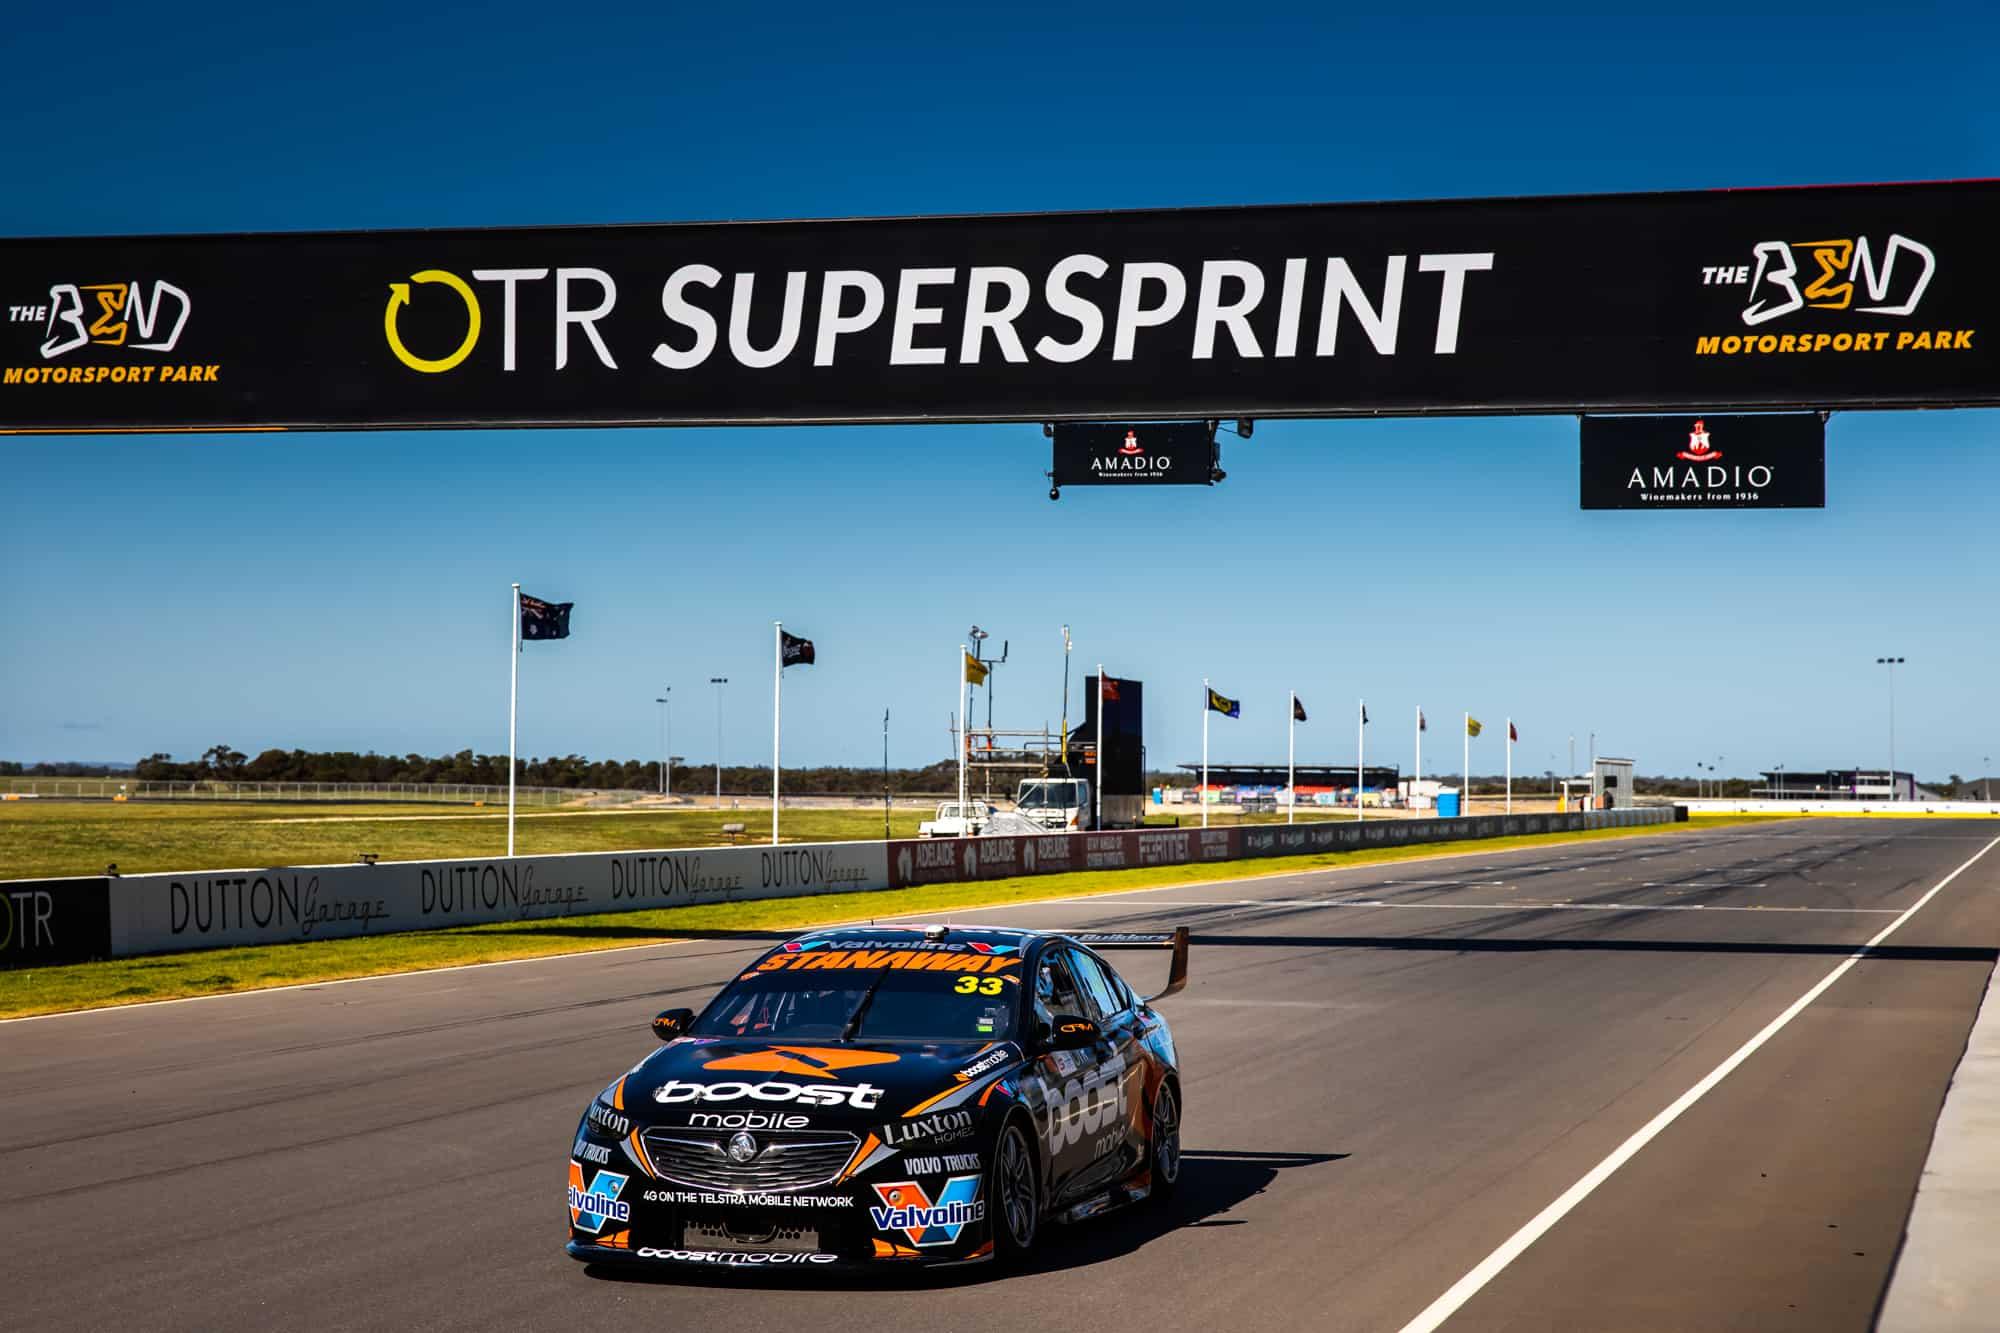 OTR SuperSprint – The Bend Motorsport Park